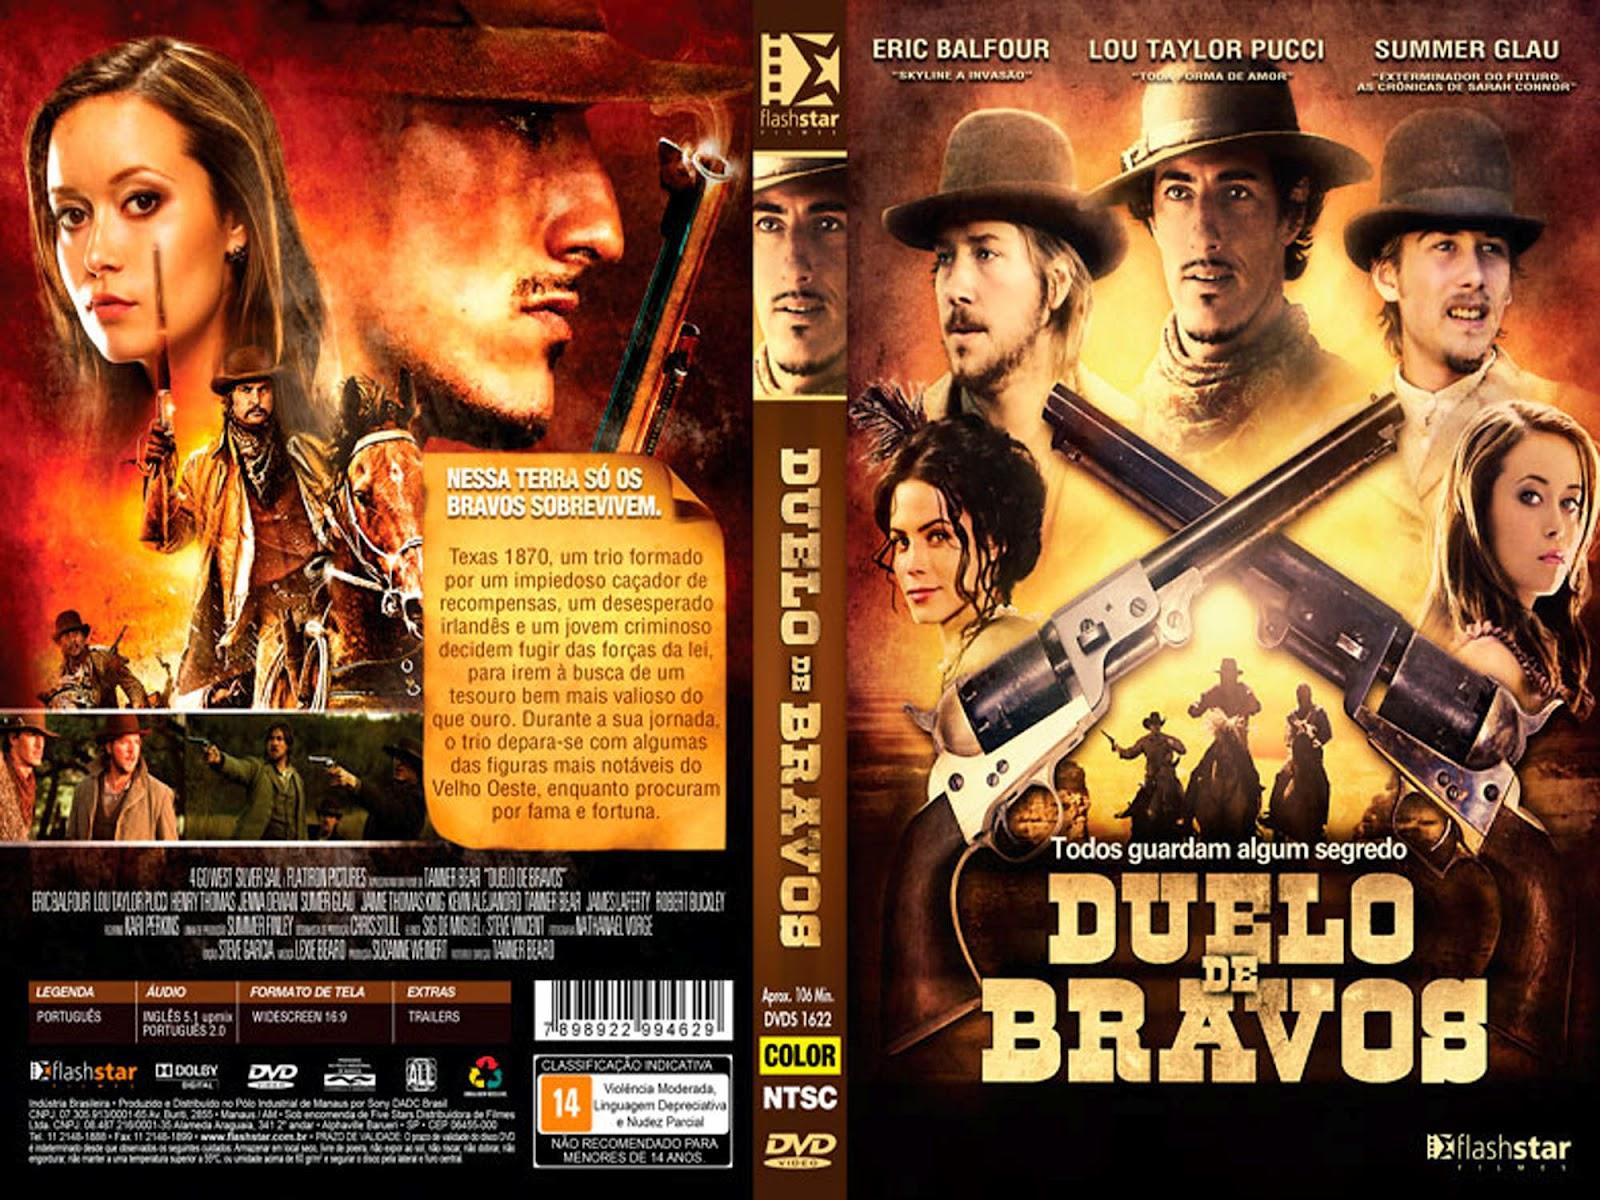 7 Noivas Para 7 Irmãos Dublado Completo raposa downloads filmes - seriados: julho 2012